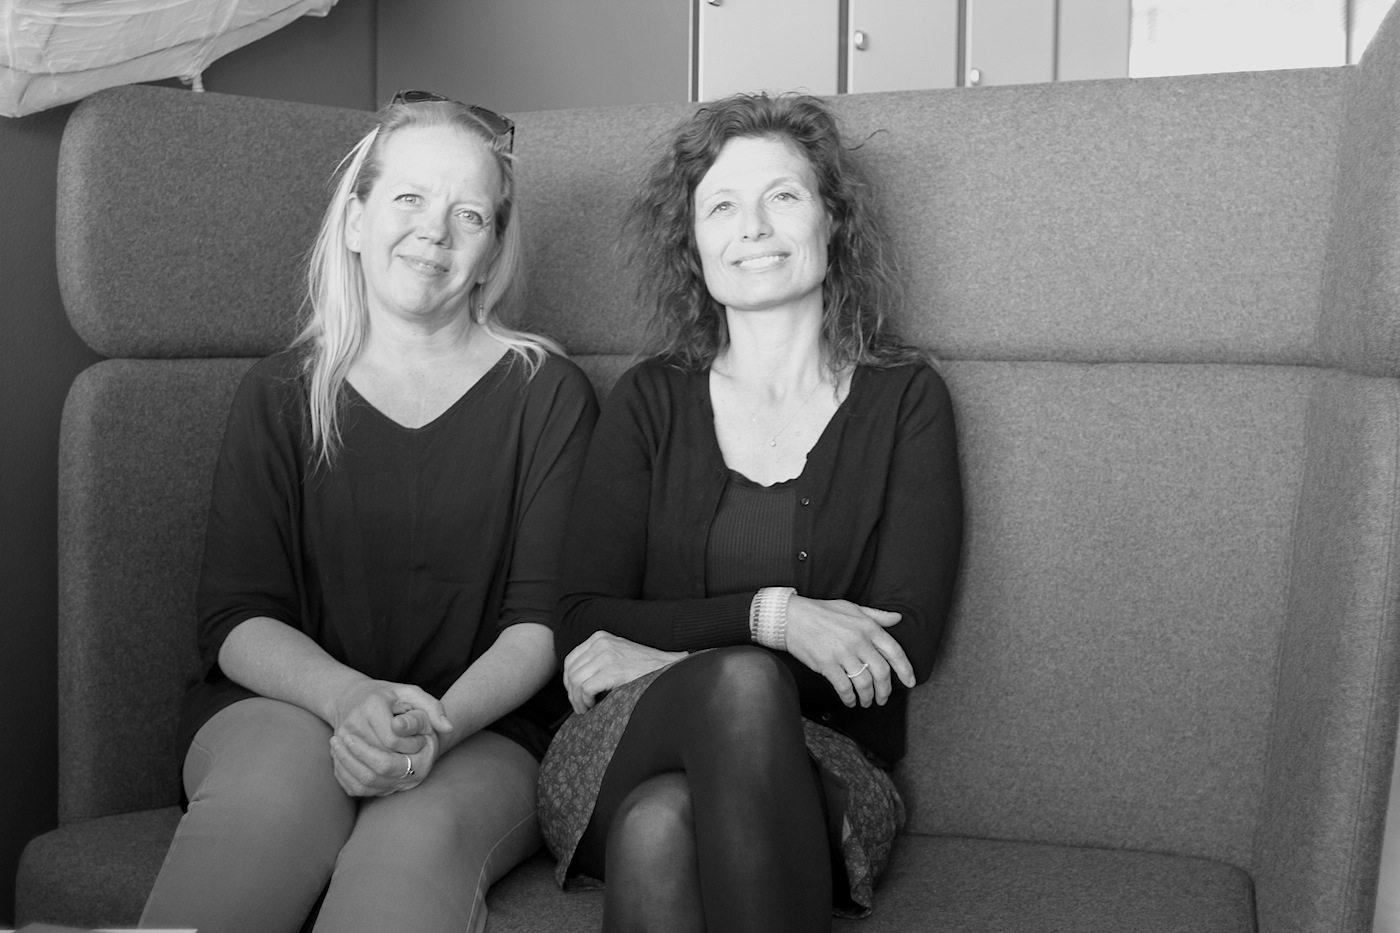 The Architecture Project. Mit CEO Carina Serritzlew (re.) und Signe Marie Davidsen, verantwortlich auch für das Festival Rising Architecture, vom 11. bis 15. September 2017 in Godsbanen, Aarhus.